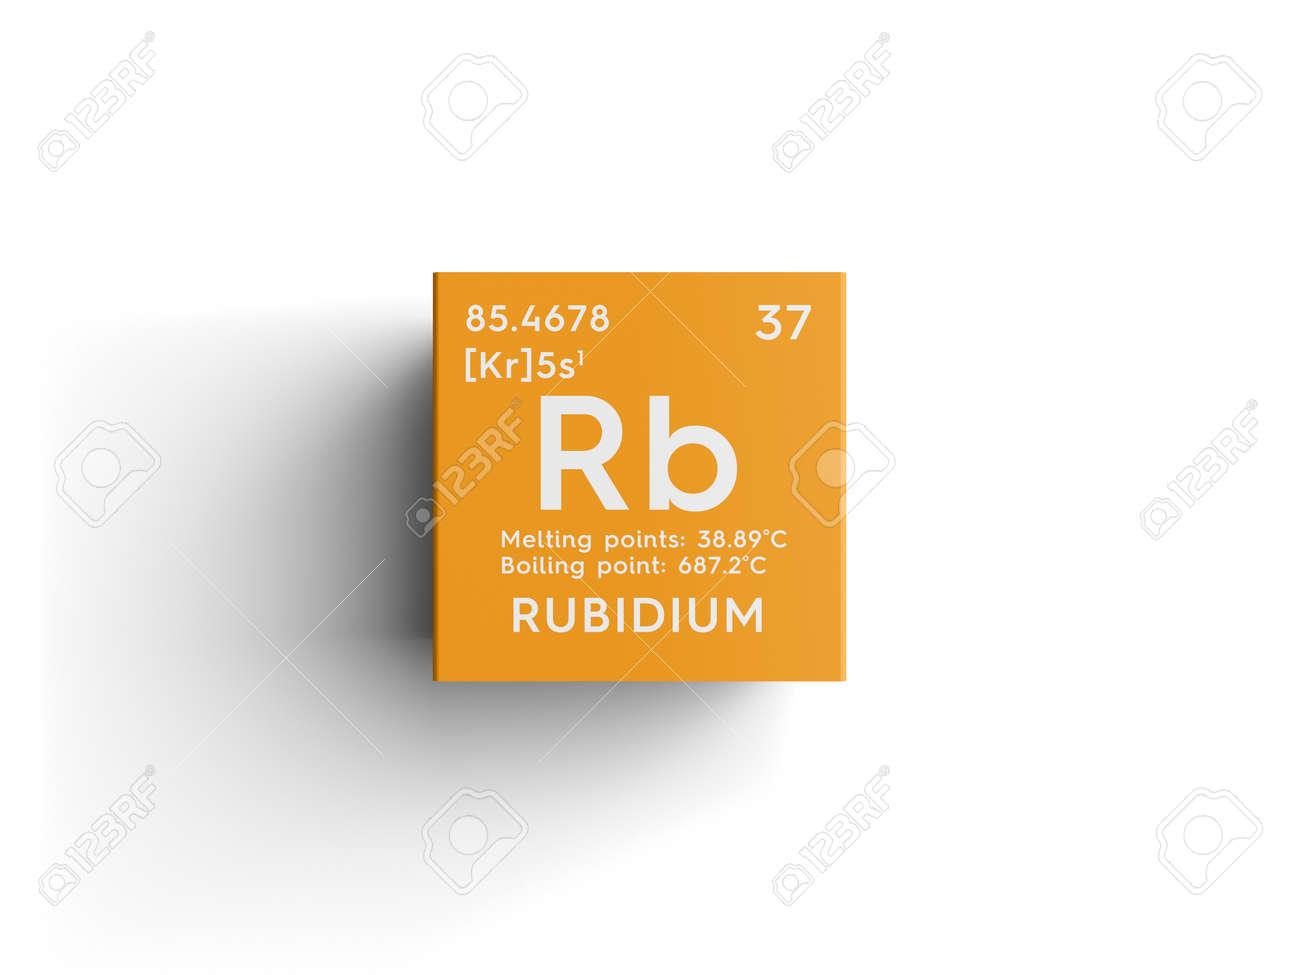 Rubidio metales alcalinos elemento qumico de la tabla peridica metales alcalinos elemento qumico de la tabla peridica de mendeleev rubidium en un cubo cuadrado concepto creativo urtaz Gallery